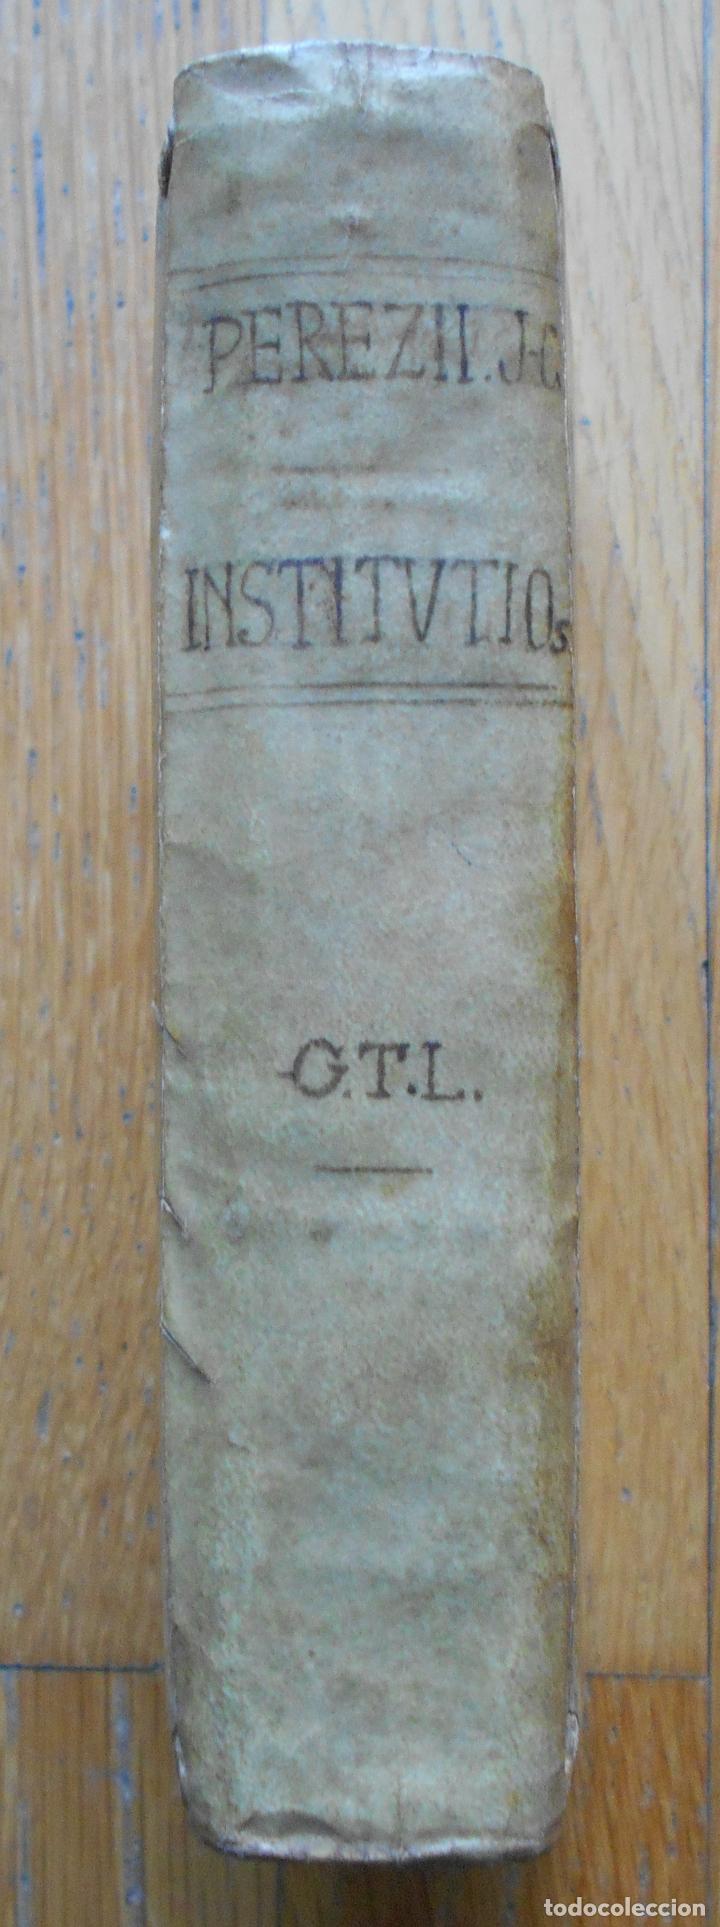 ANTONII PEREZII INSTITUCIONES IMPERIALES, EROTEMATIBUS DISTINCTAE 1763 (Libros Antiguos, Raros y Curiosos - Ciencias, Manuales y Oficios - Derecho, Economía y Comercio)